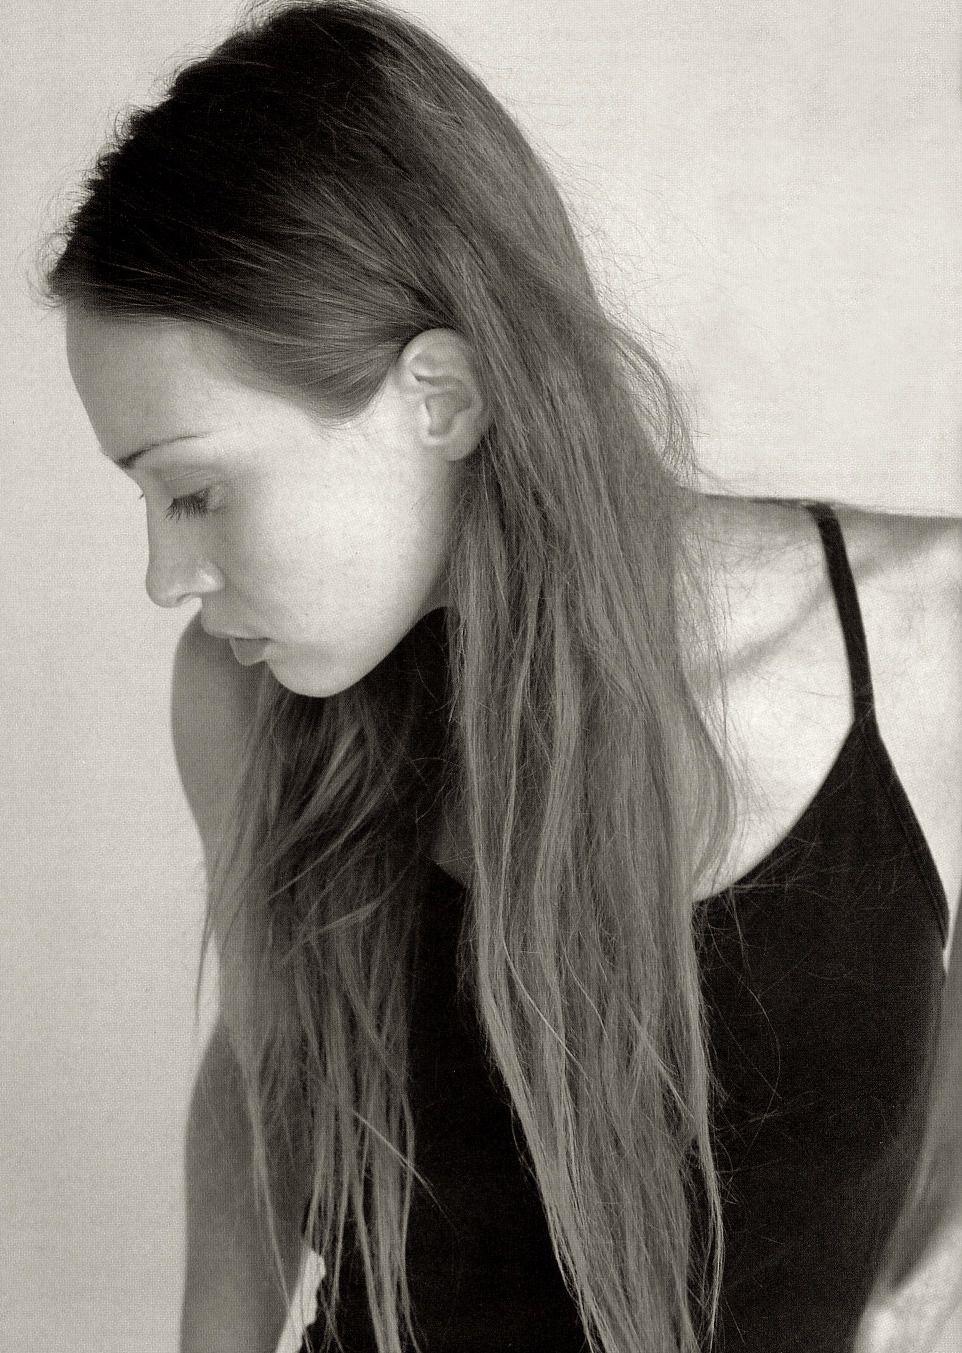 Fiona Apple // Crossbeat 1999 Beauty, Hair, Long hair styles